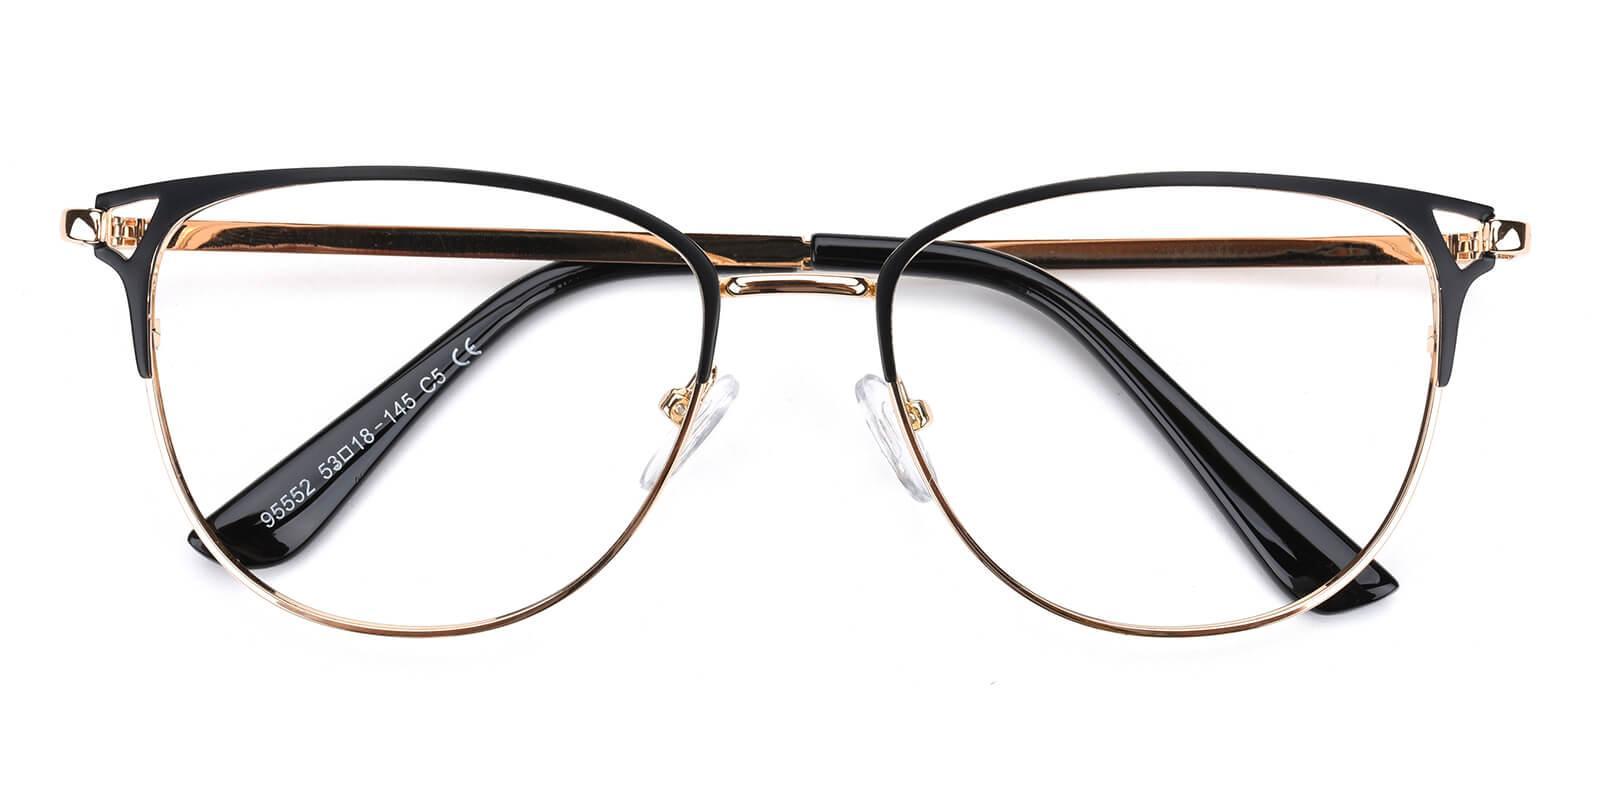 Geraldine-Black-Browline-Metal-Eyeglasses-detail